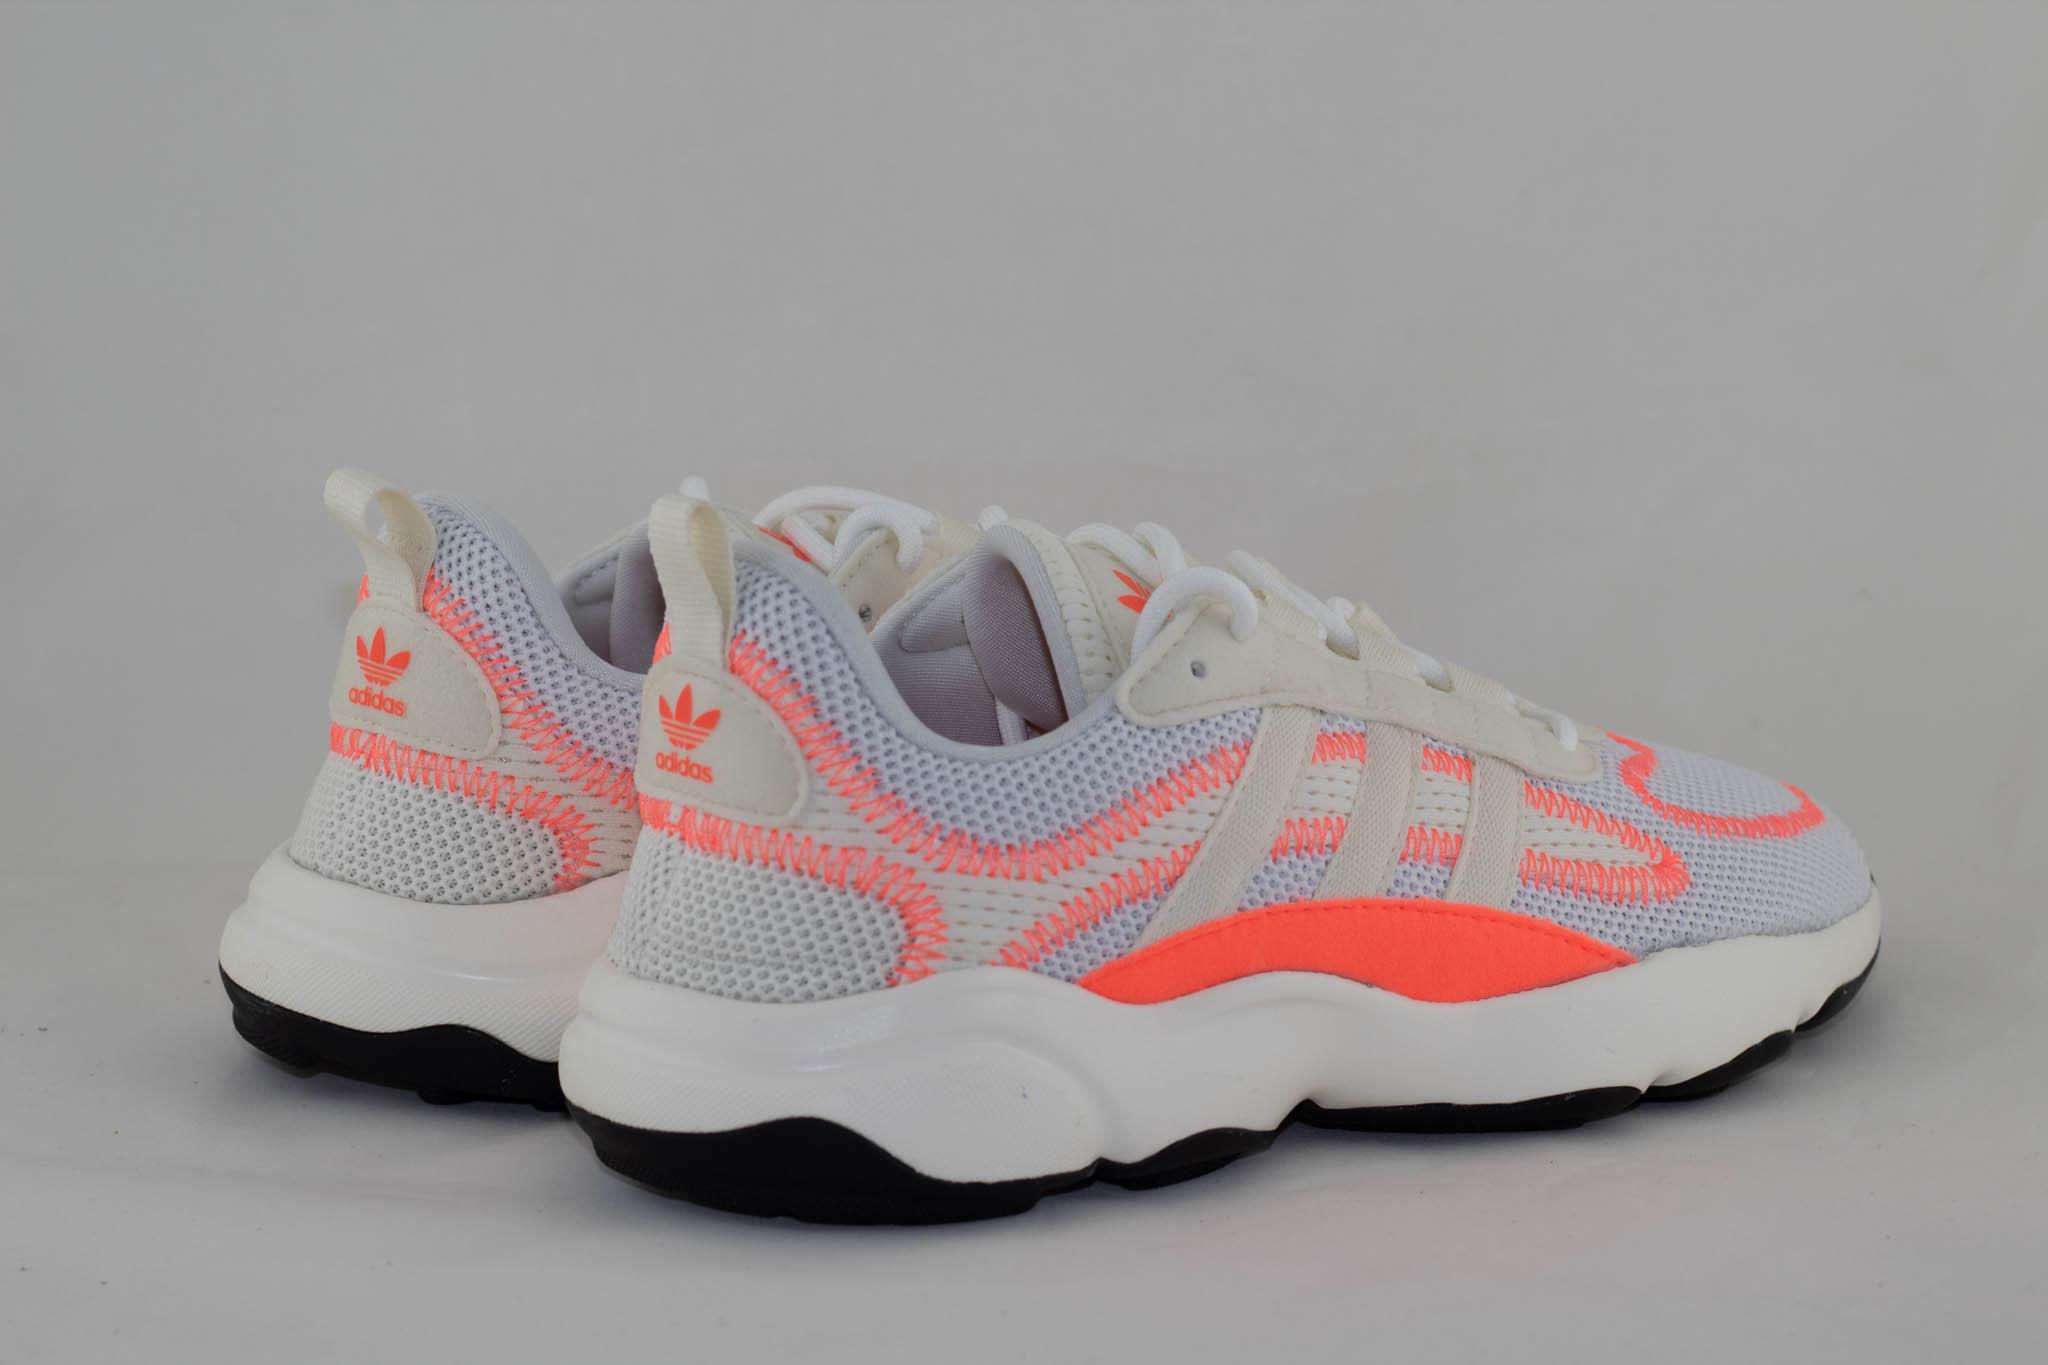 Adidas HAIWEE WOMEN Ftwwht/ Owhitte/ Sigcor